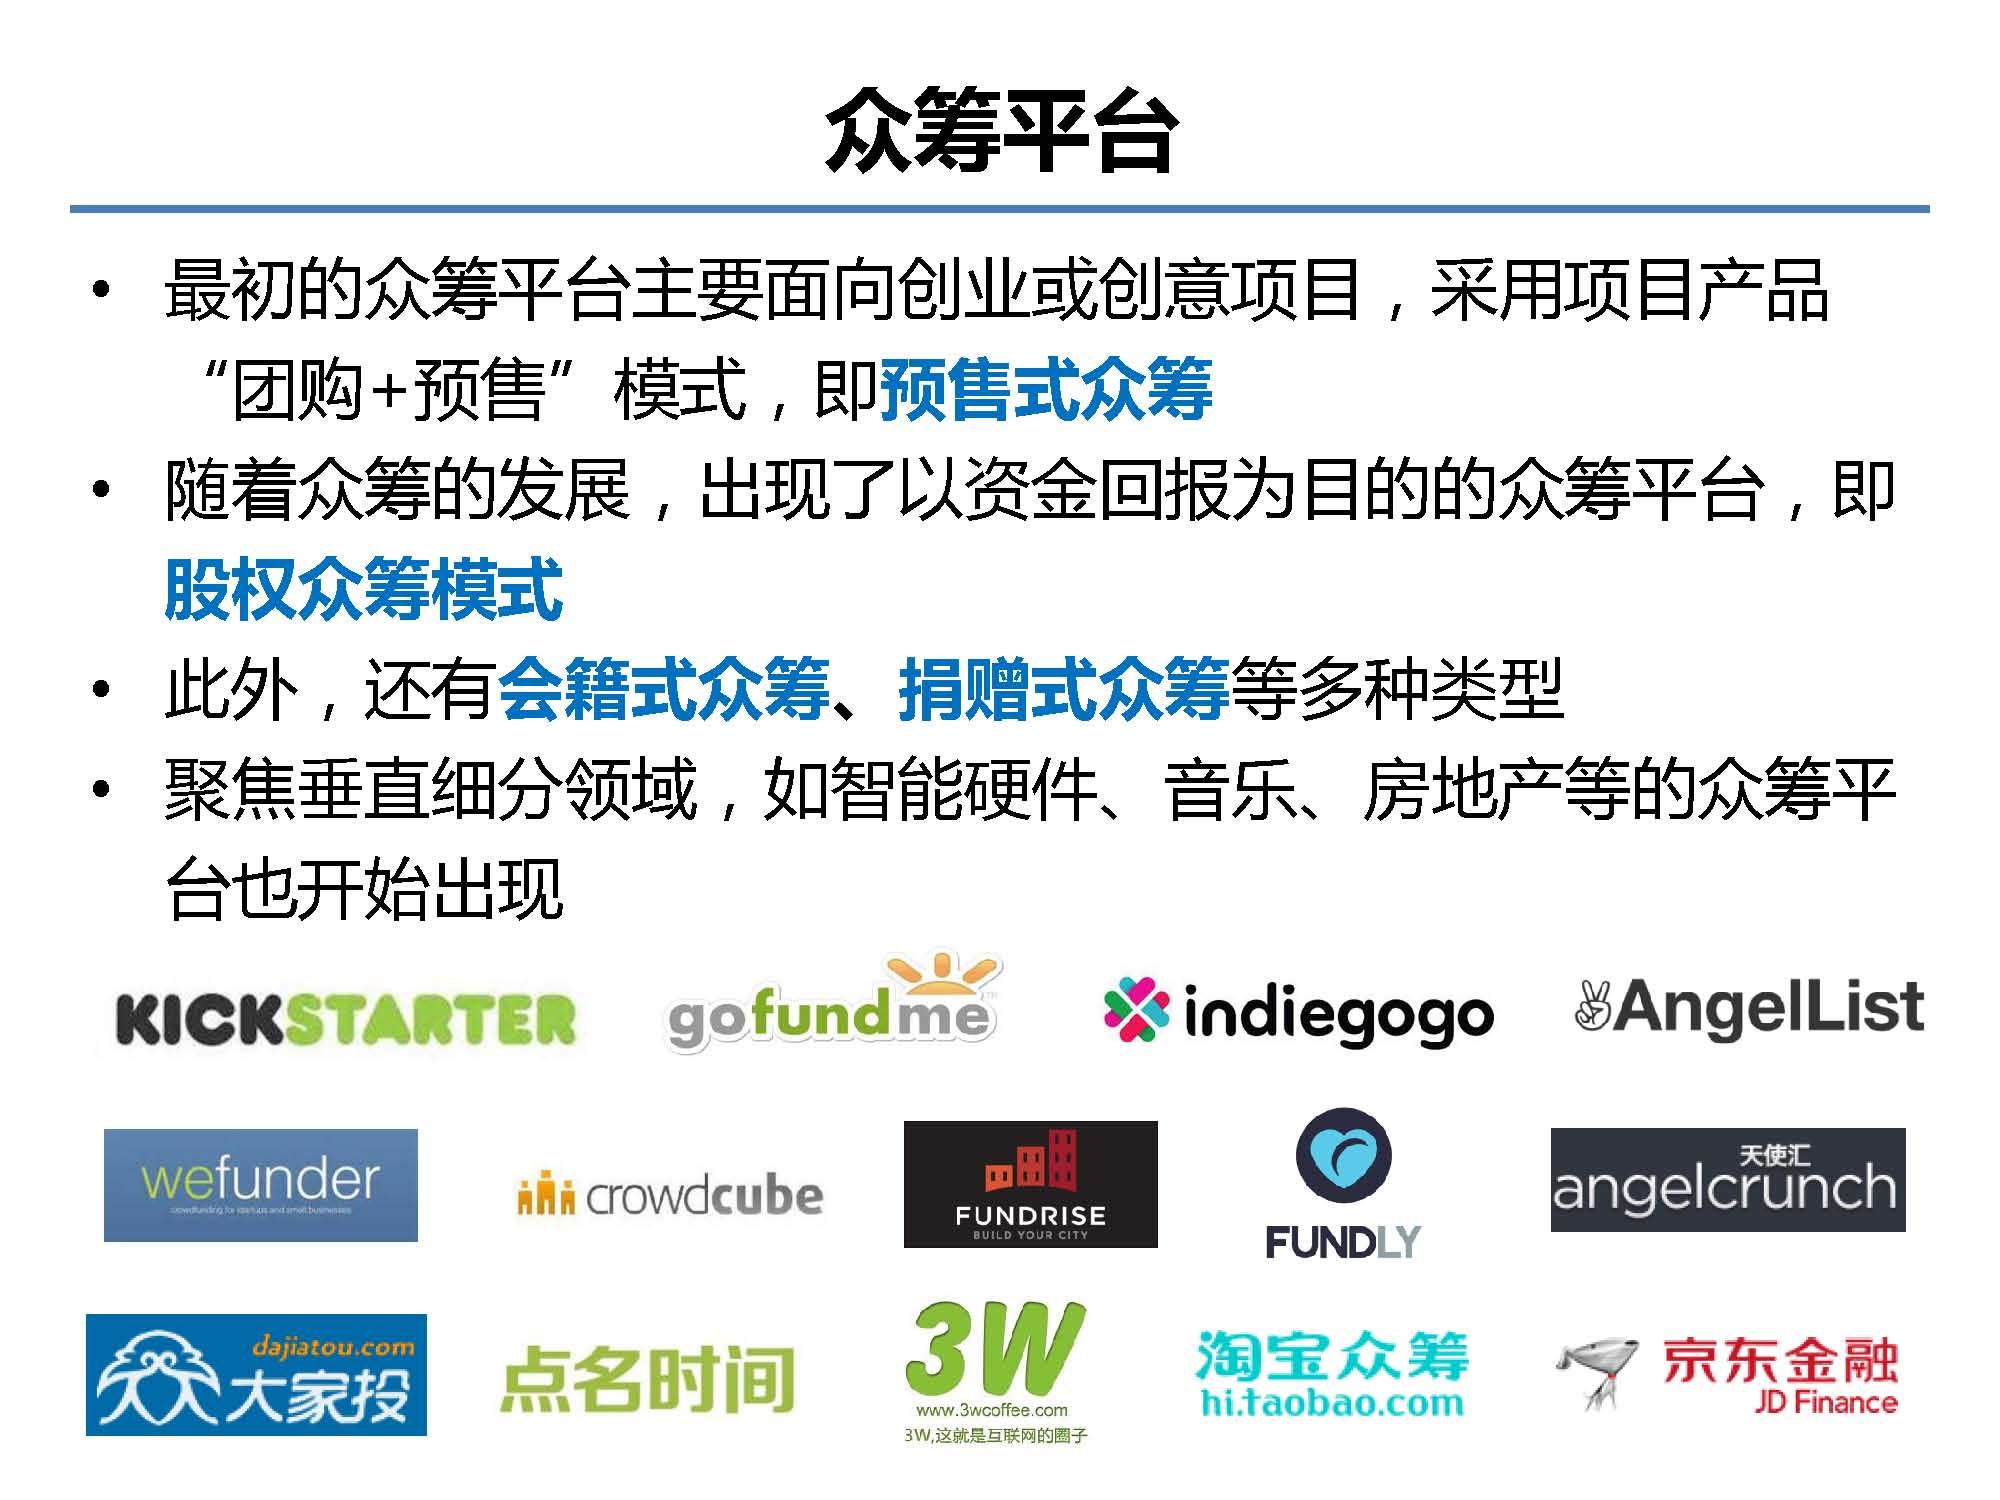 互联网金融行业全景及展望_蚂蚁金服评论_Page_23.jpg